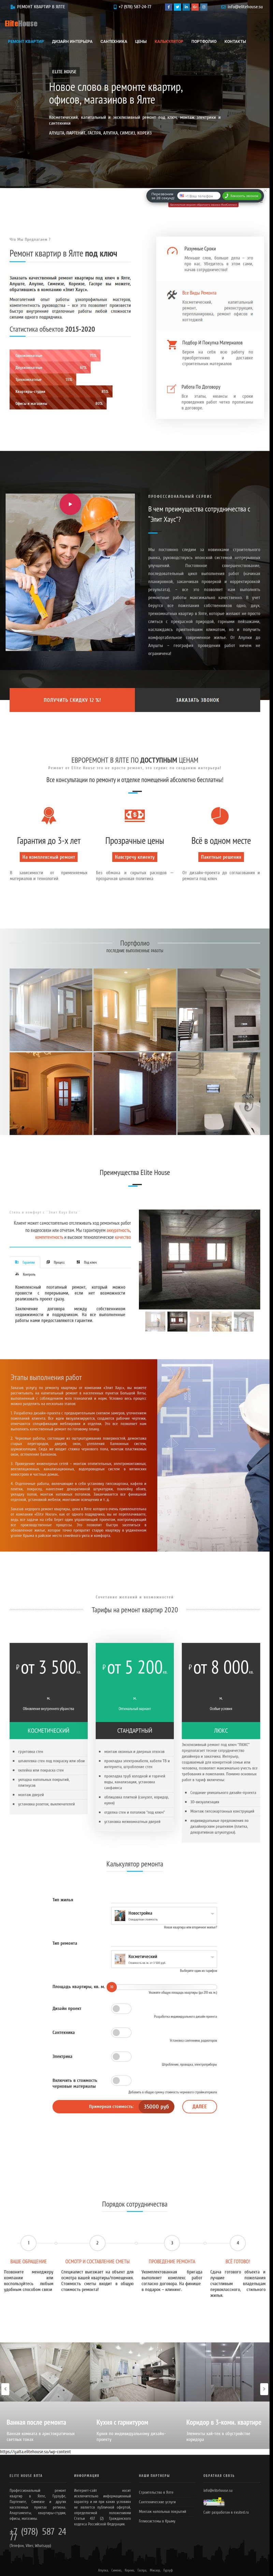 Узнать стоимость создания сайта по ремонтным работам в Крыму, Ялте